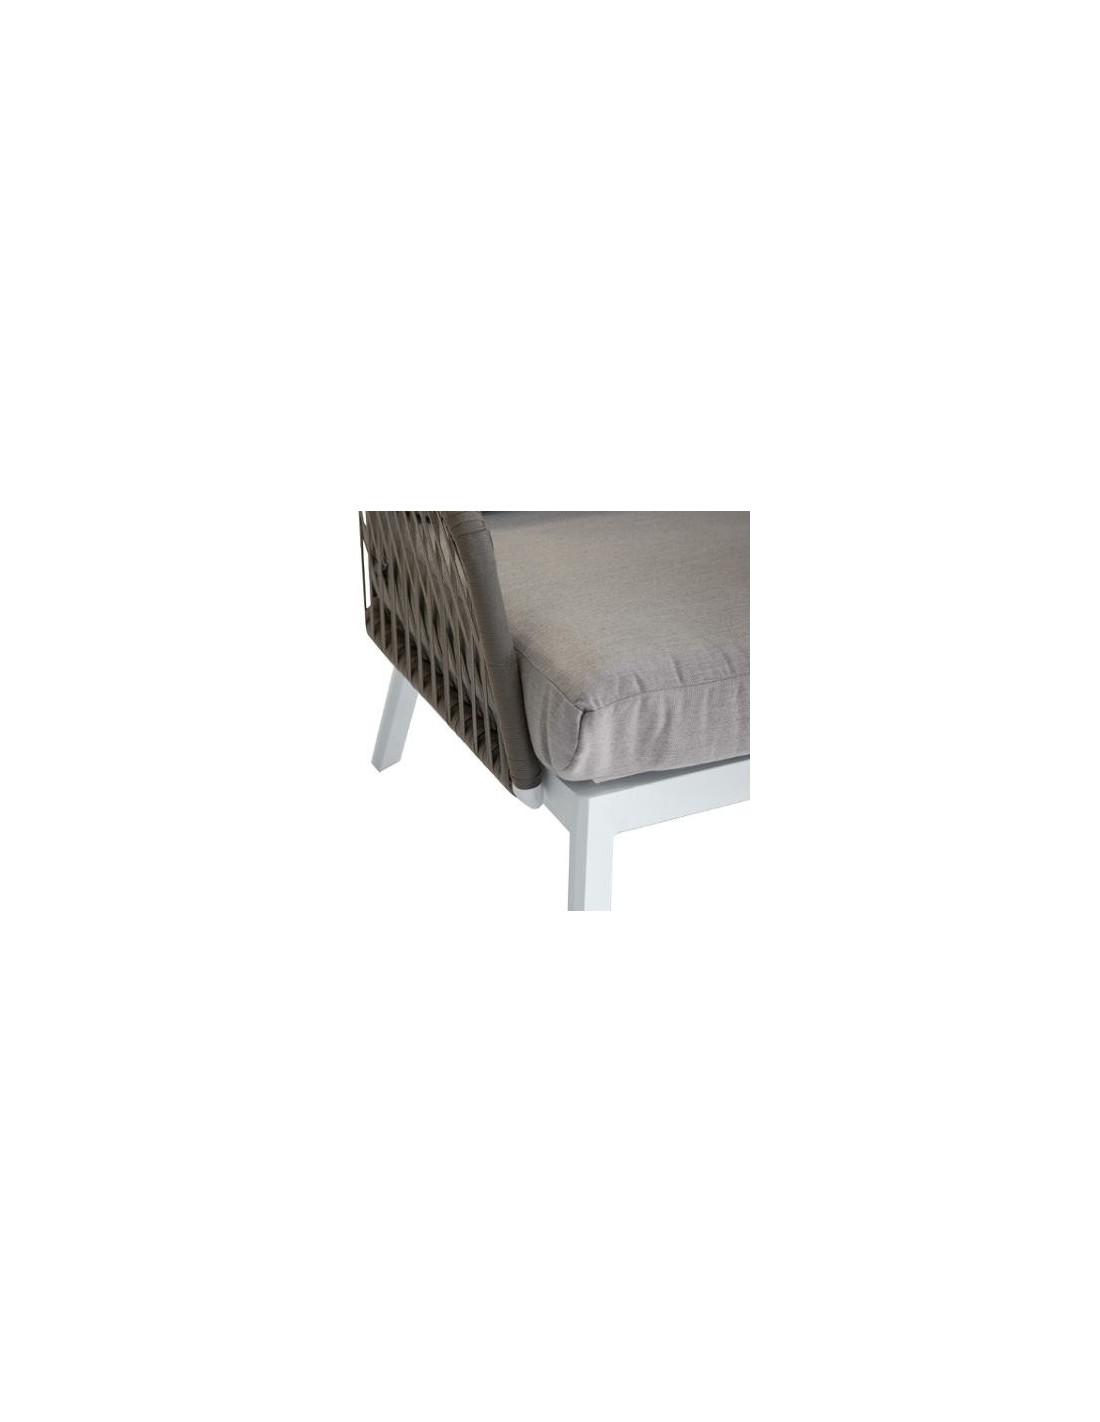 canap de jardin barcelone 2 places aluminium et maille. Black Bedroom Furniture Sets. Home Design Ideas